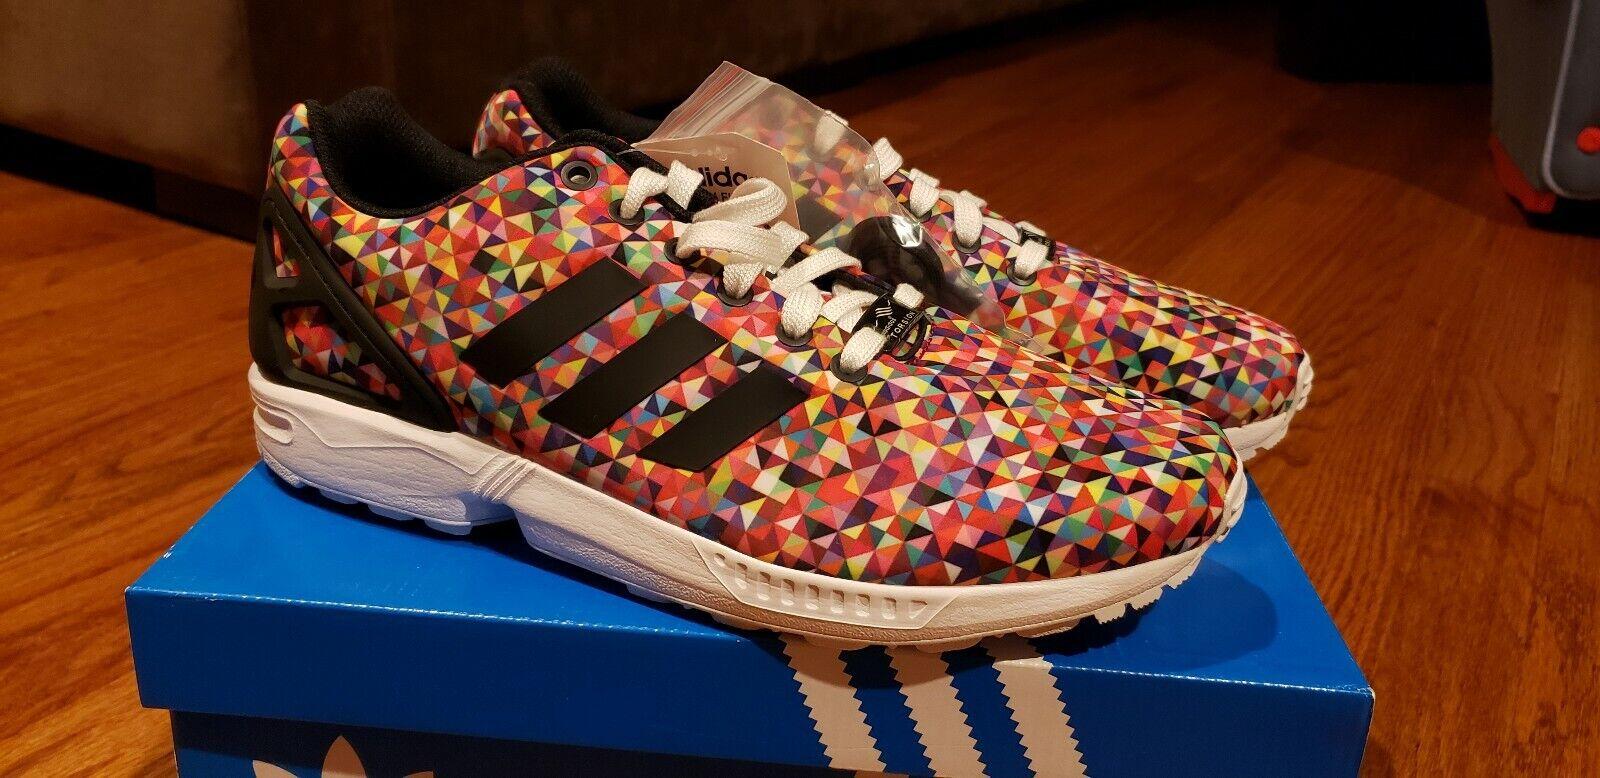 Adidas ZX Flux M19845 Multicolor Prism Size 9